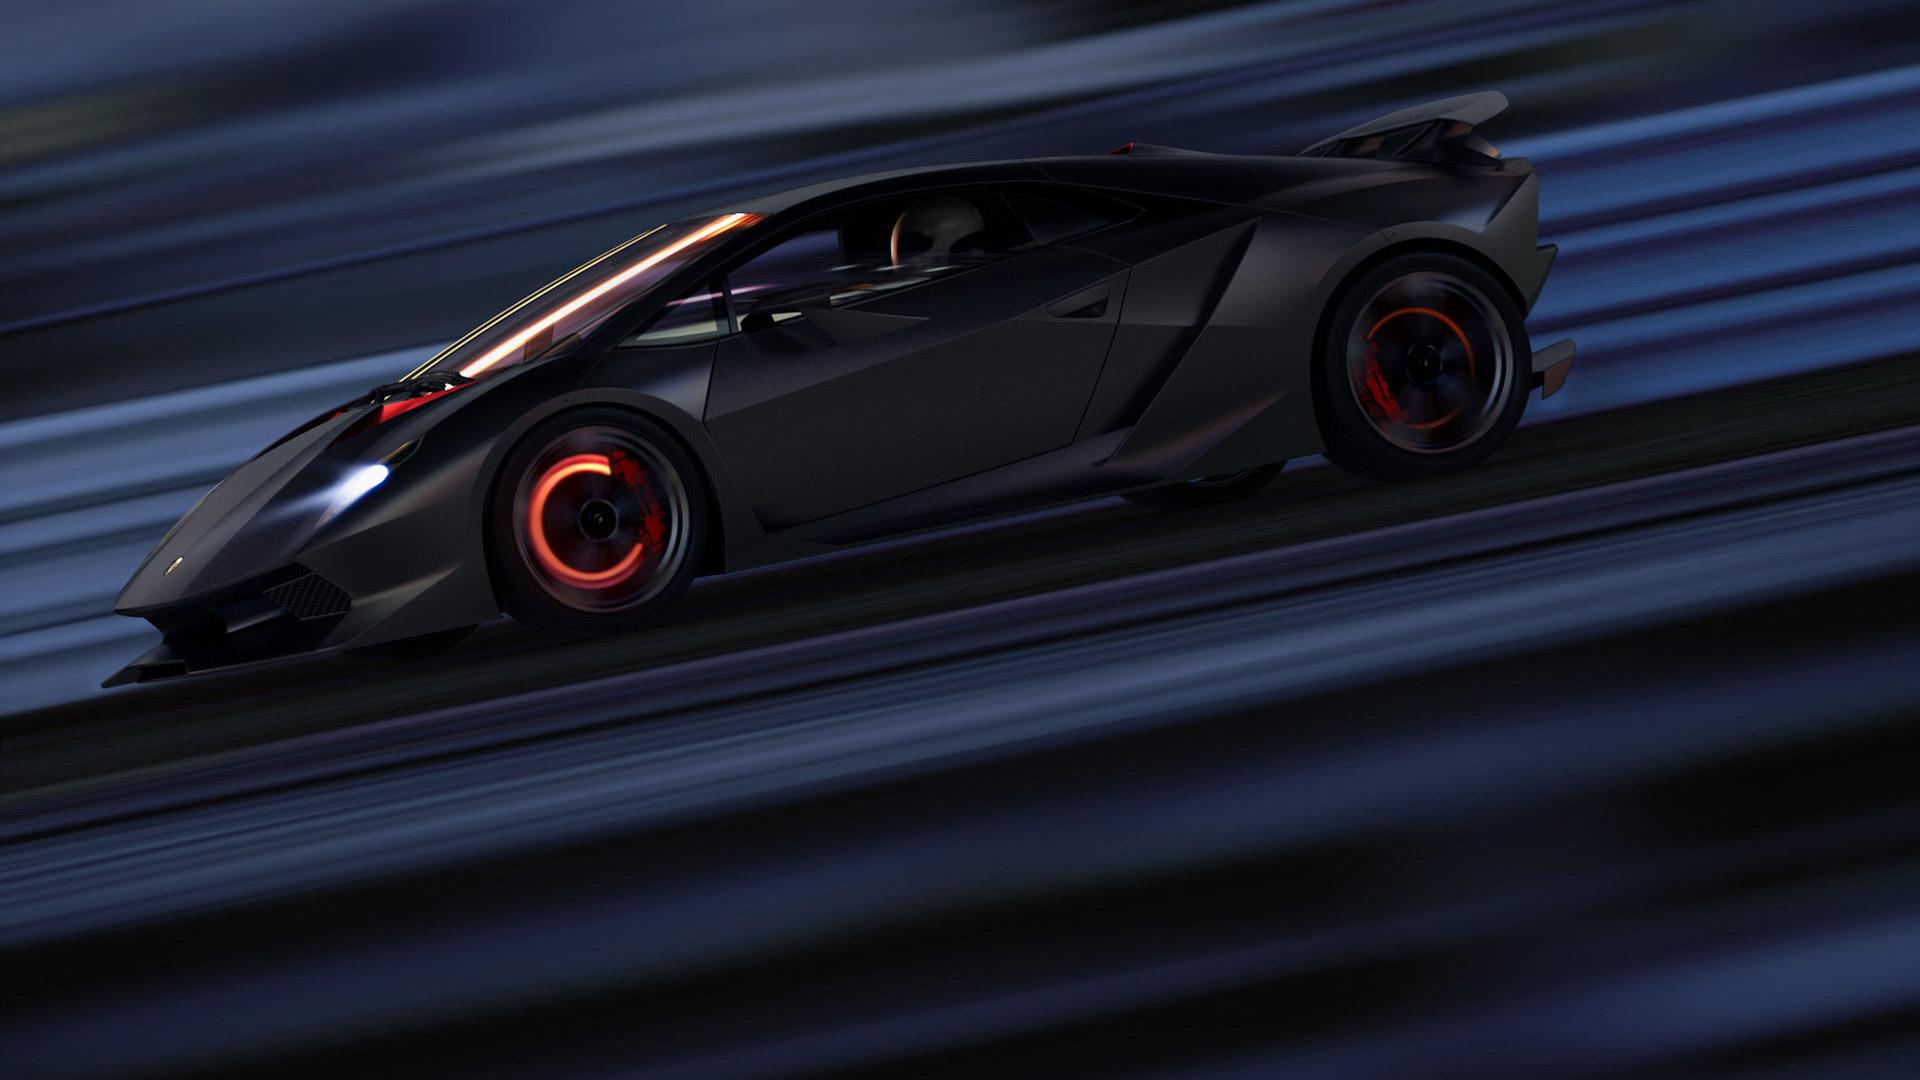 Lamborghini Sesto Elemento Speed Top 50 Whips